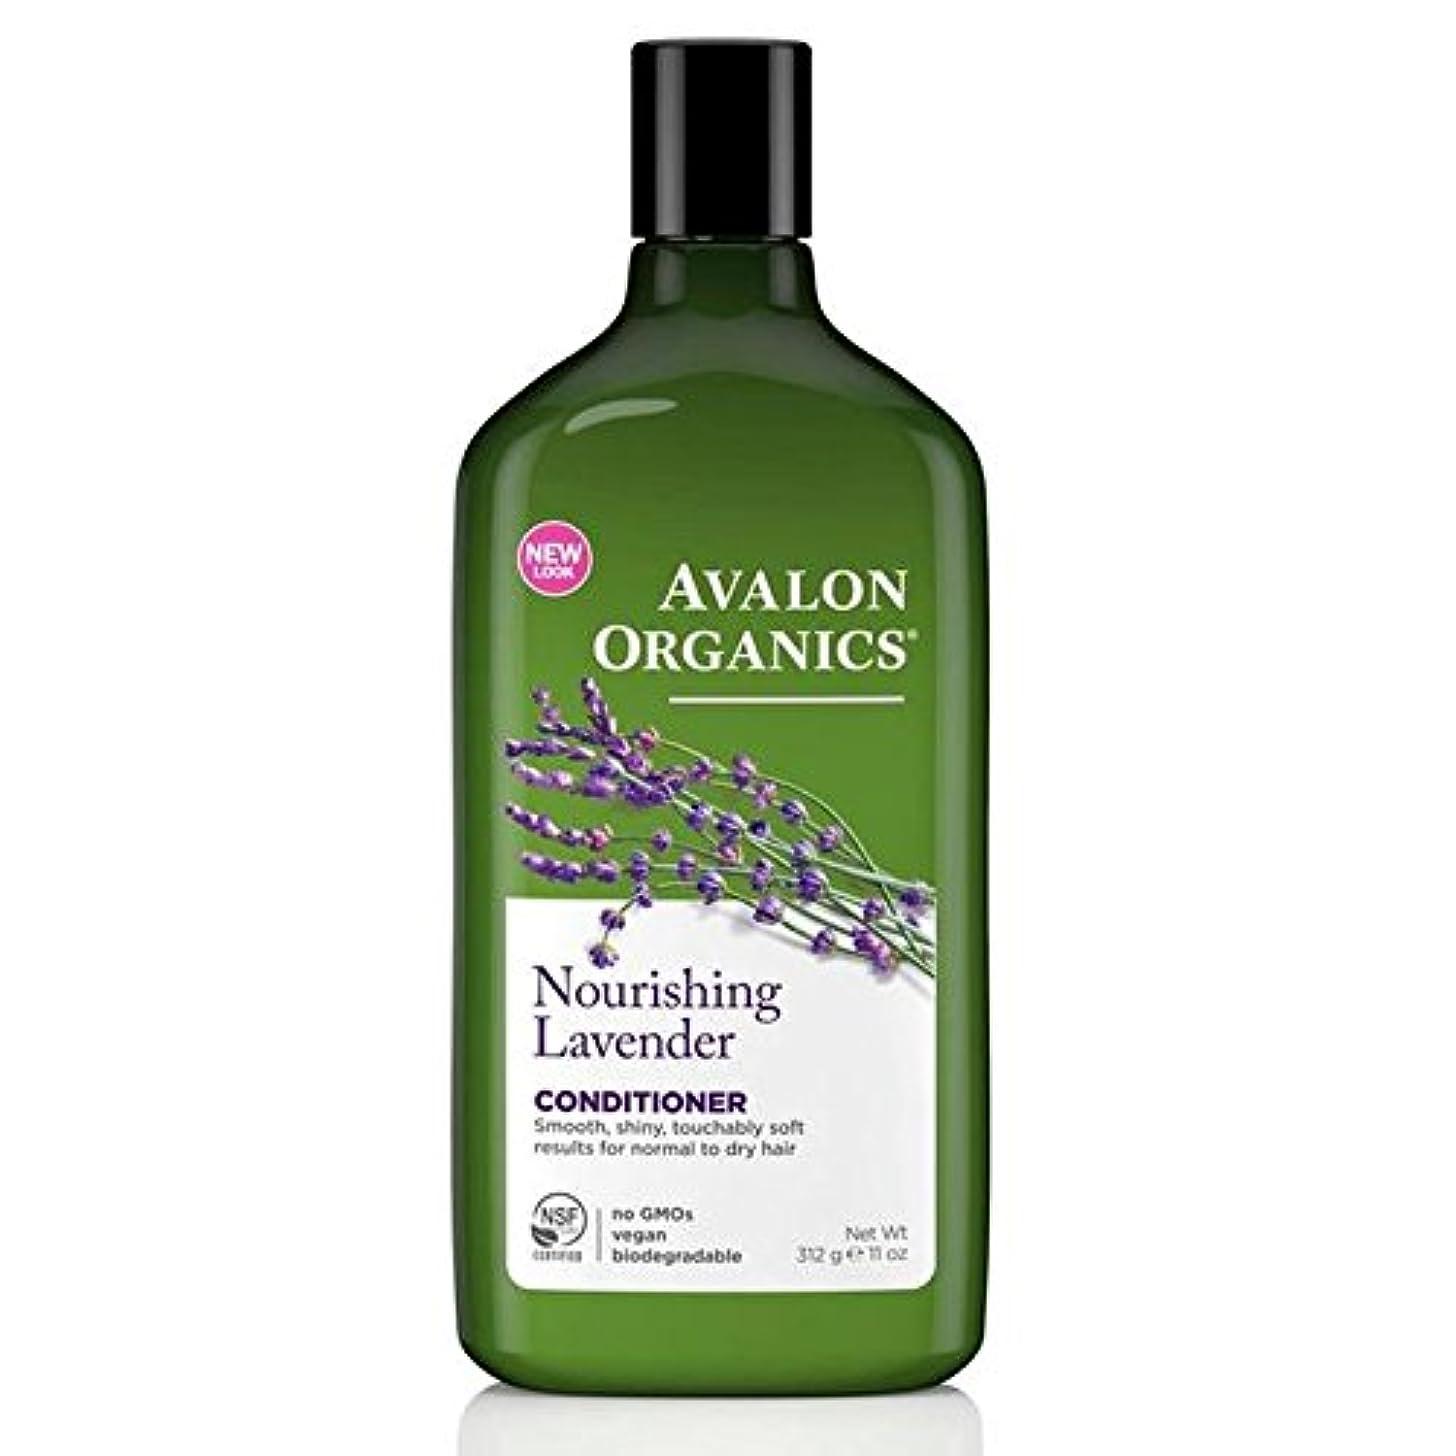 書き出すレッスンブートAvalon Organics Lavender Nourishing Conditioner 325ml - (Avalon) ラベンダー栄養コンディショナー325ミリリットル [並行輸入品]